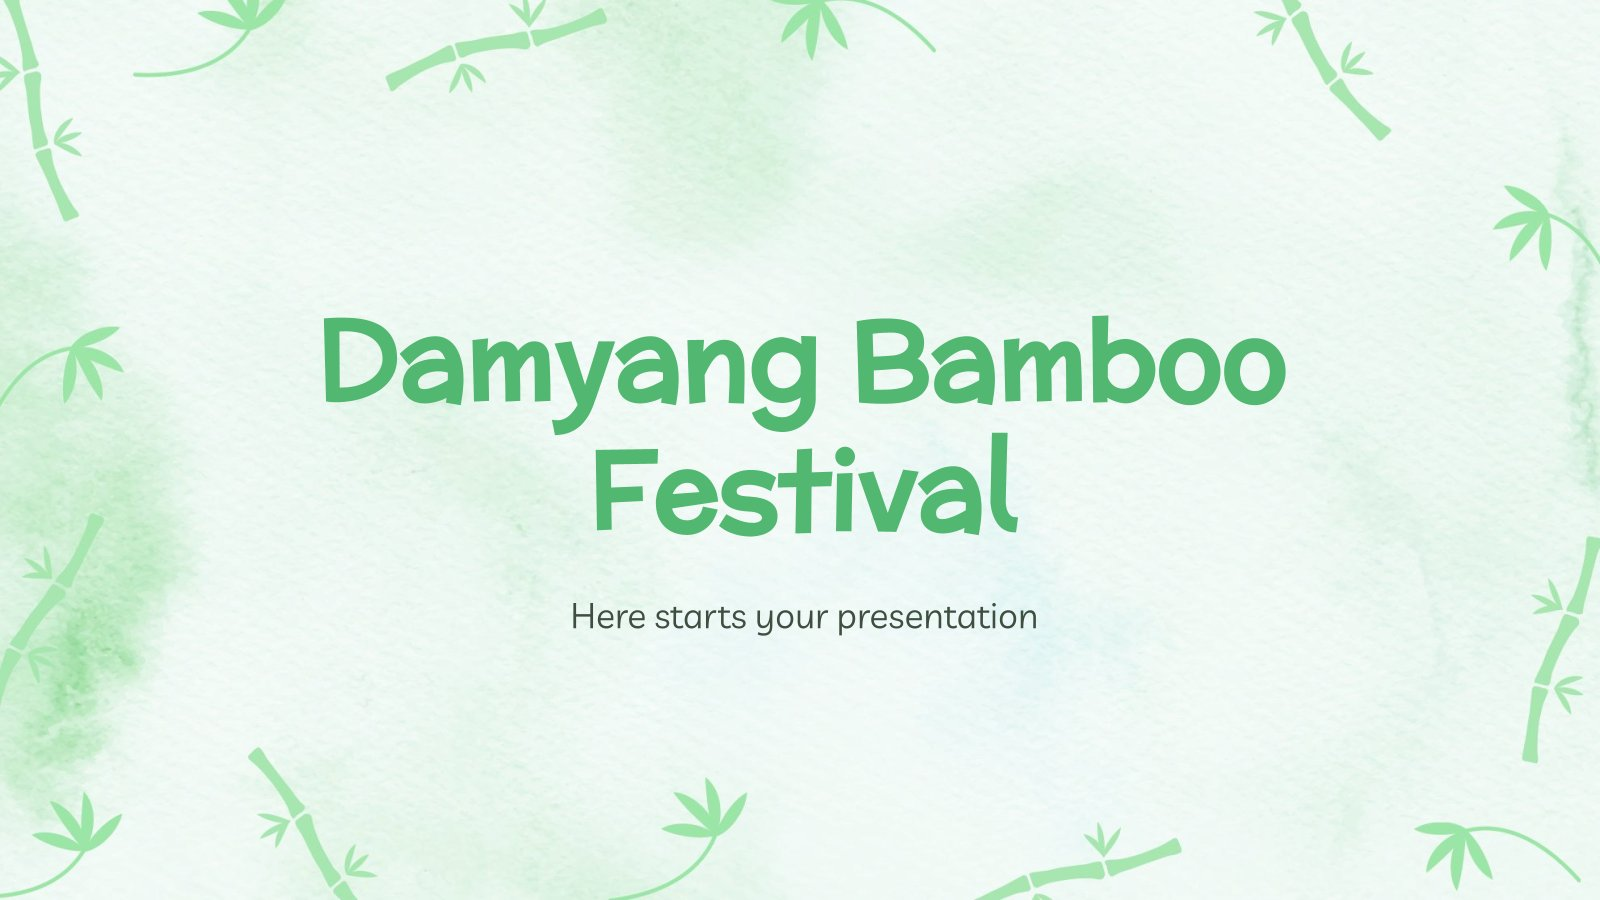 Plantilla de presentación Festival del bambú de Damyang